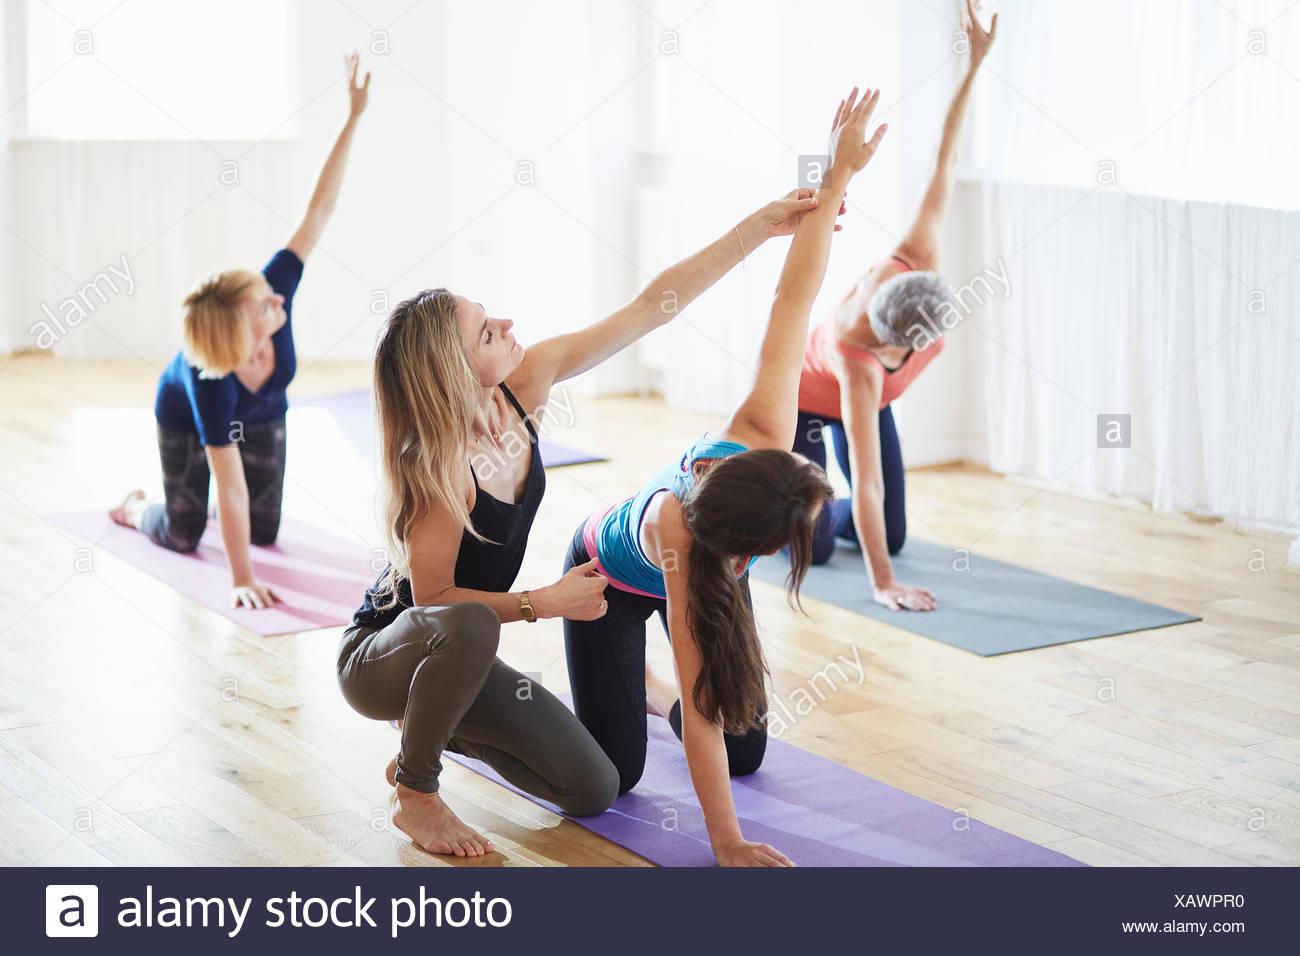 Las mujeres de rodillas y elevando los brazos en clase de pilates Imagen De Stock